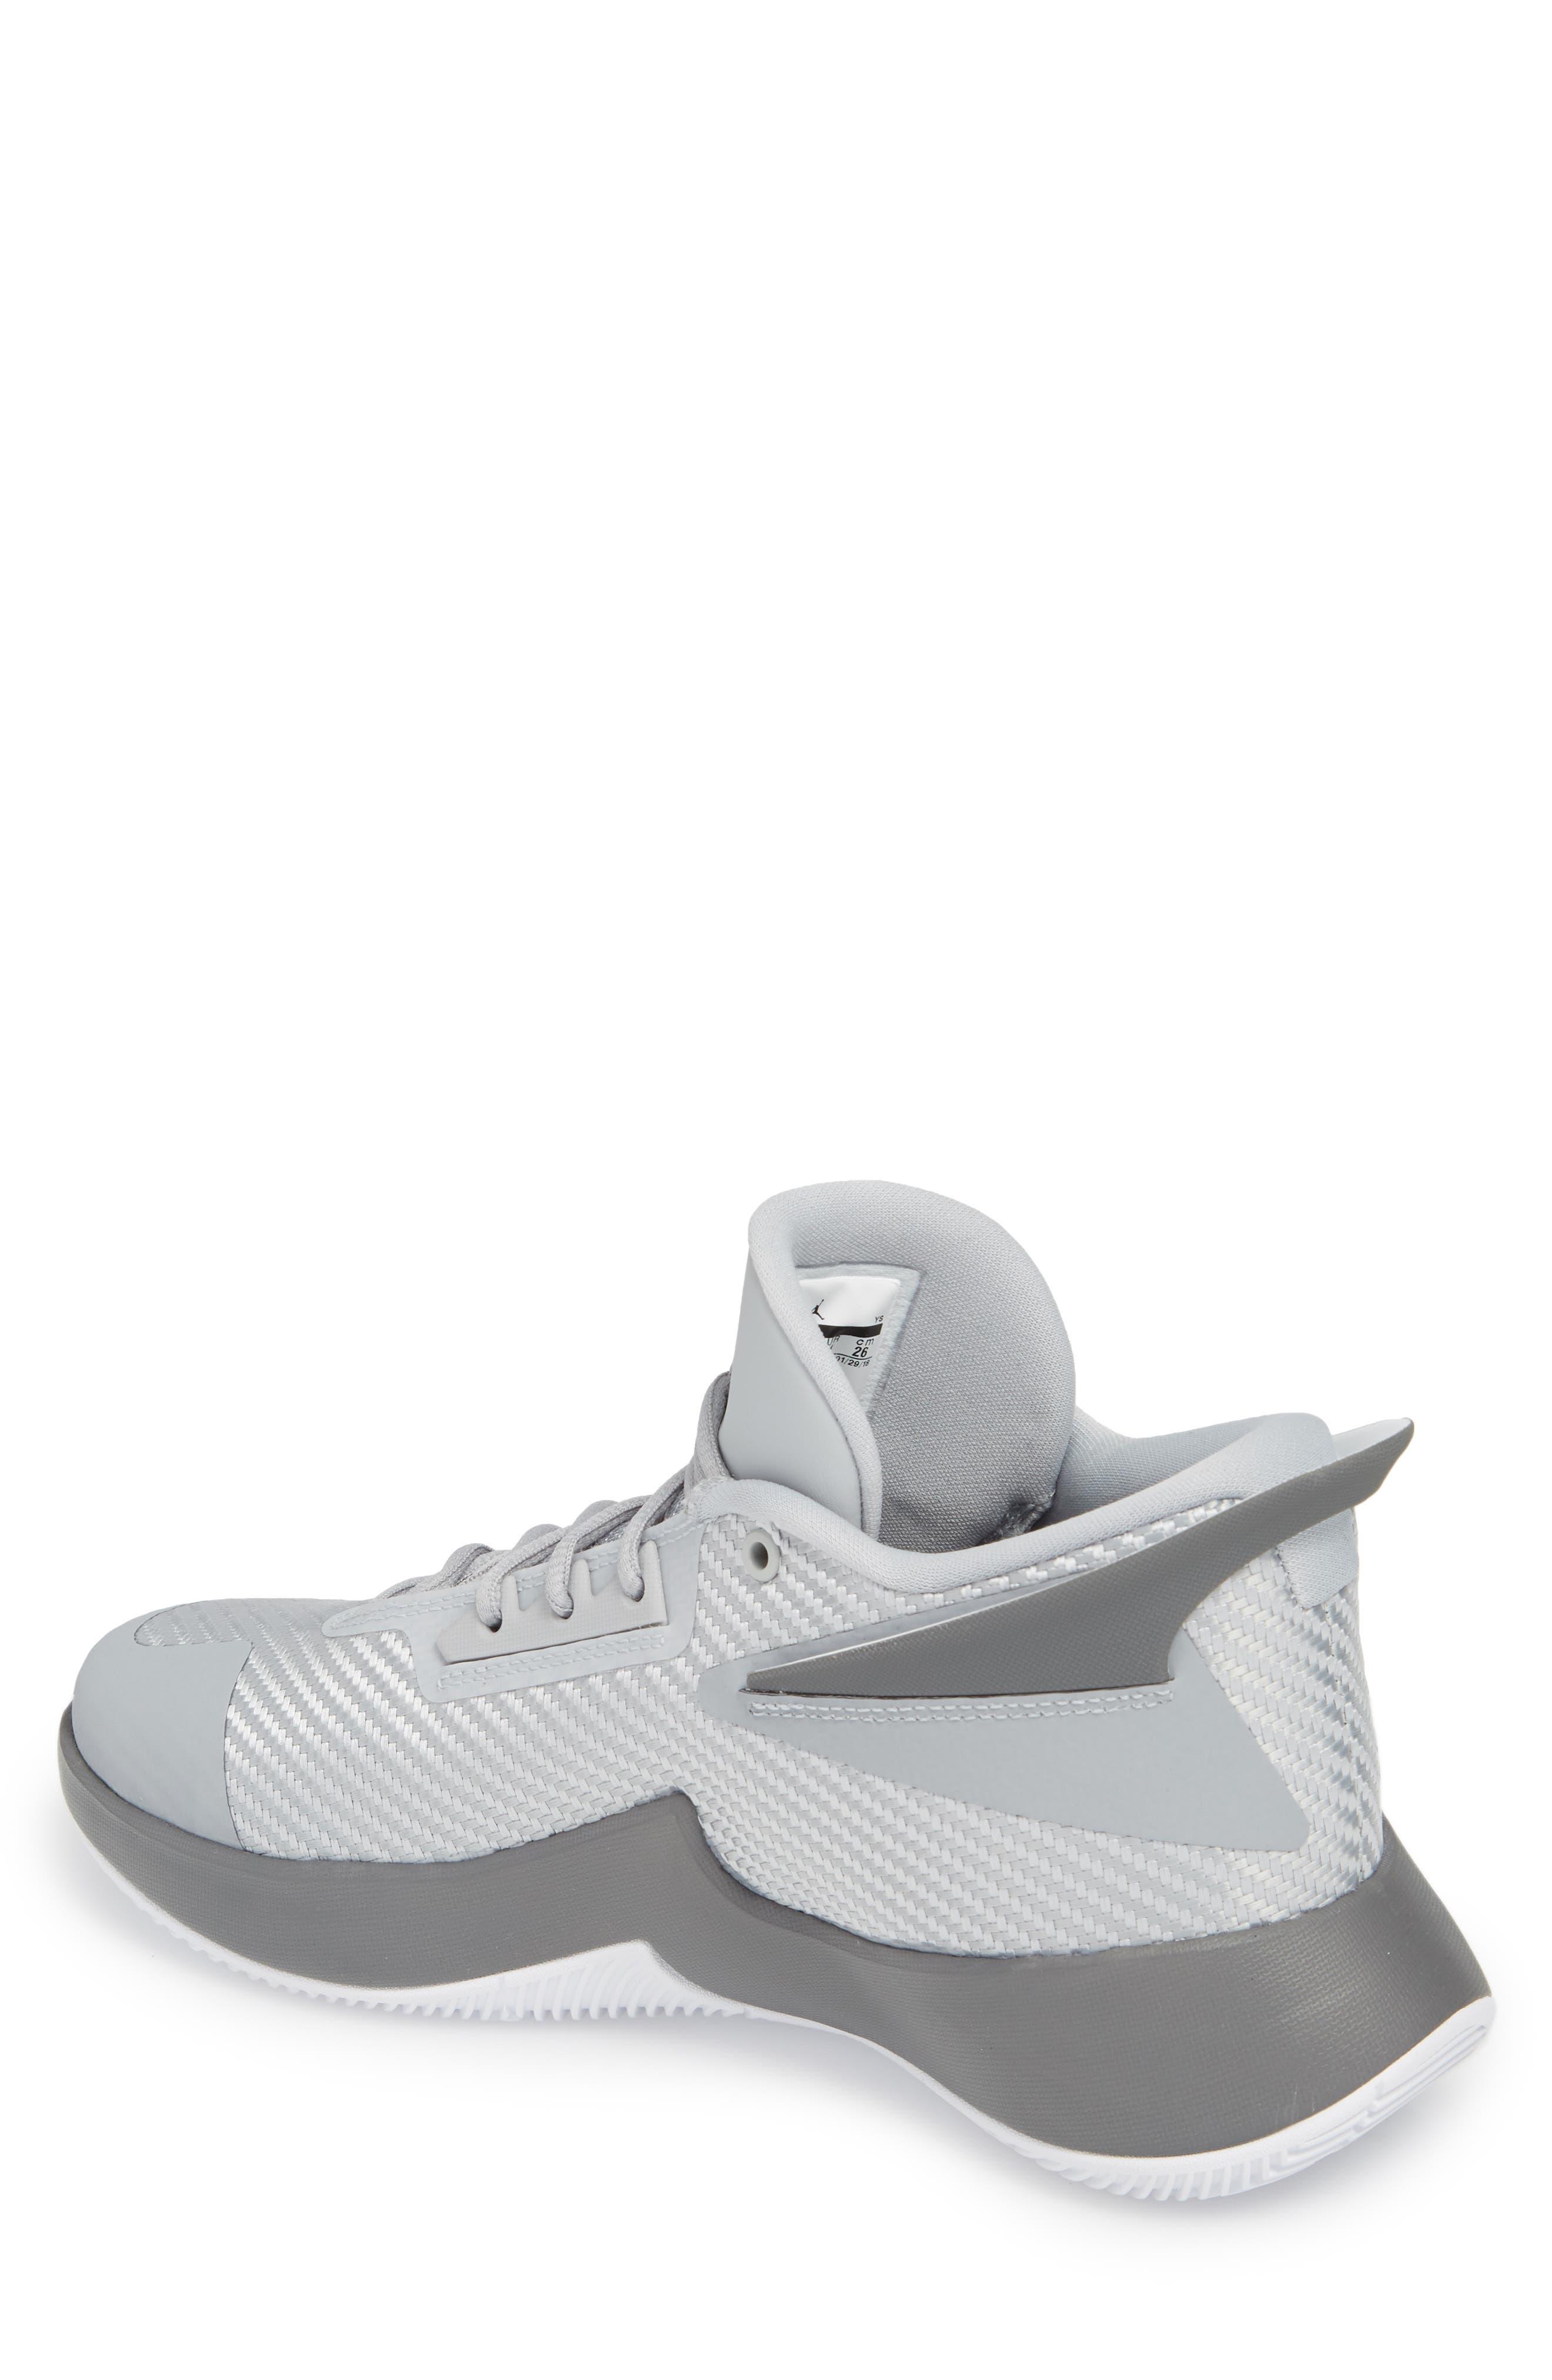 Jordan Fly Lockdown Sneaker,                             Alternate thumbnail 4, color,